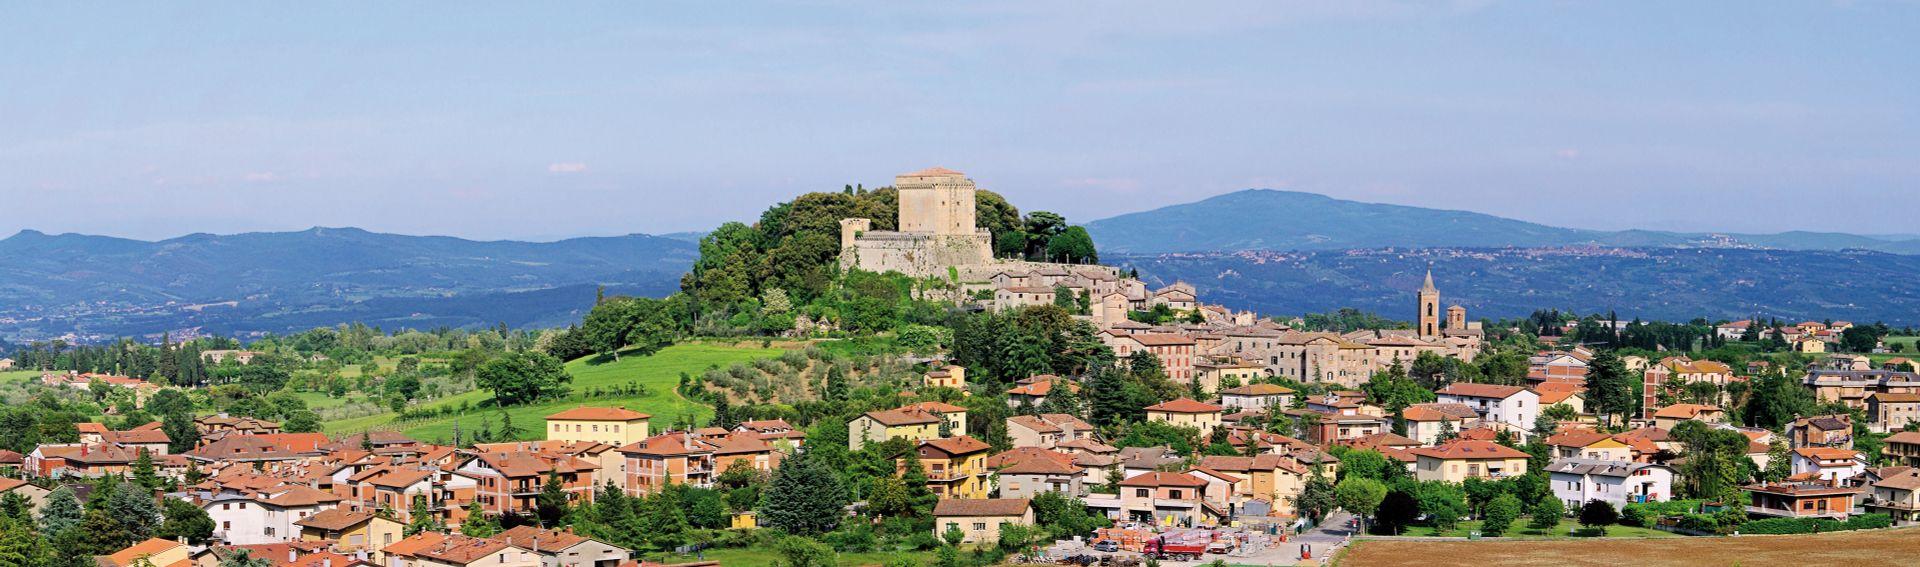 Sarteano / Montepulciano